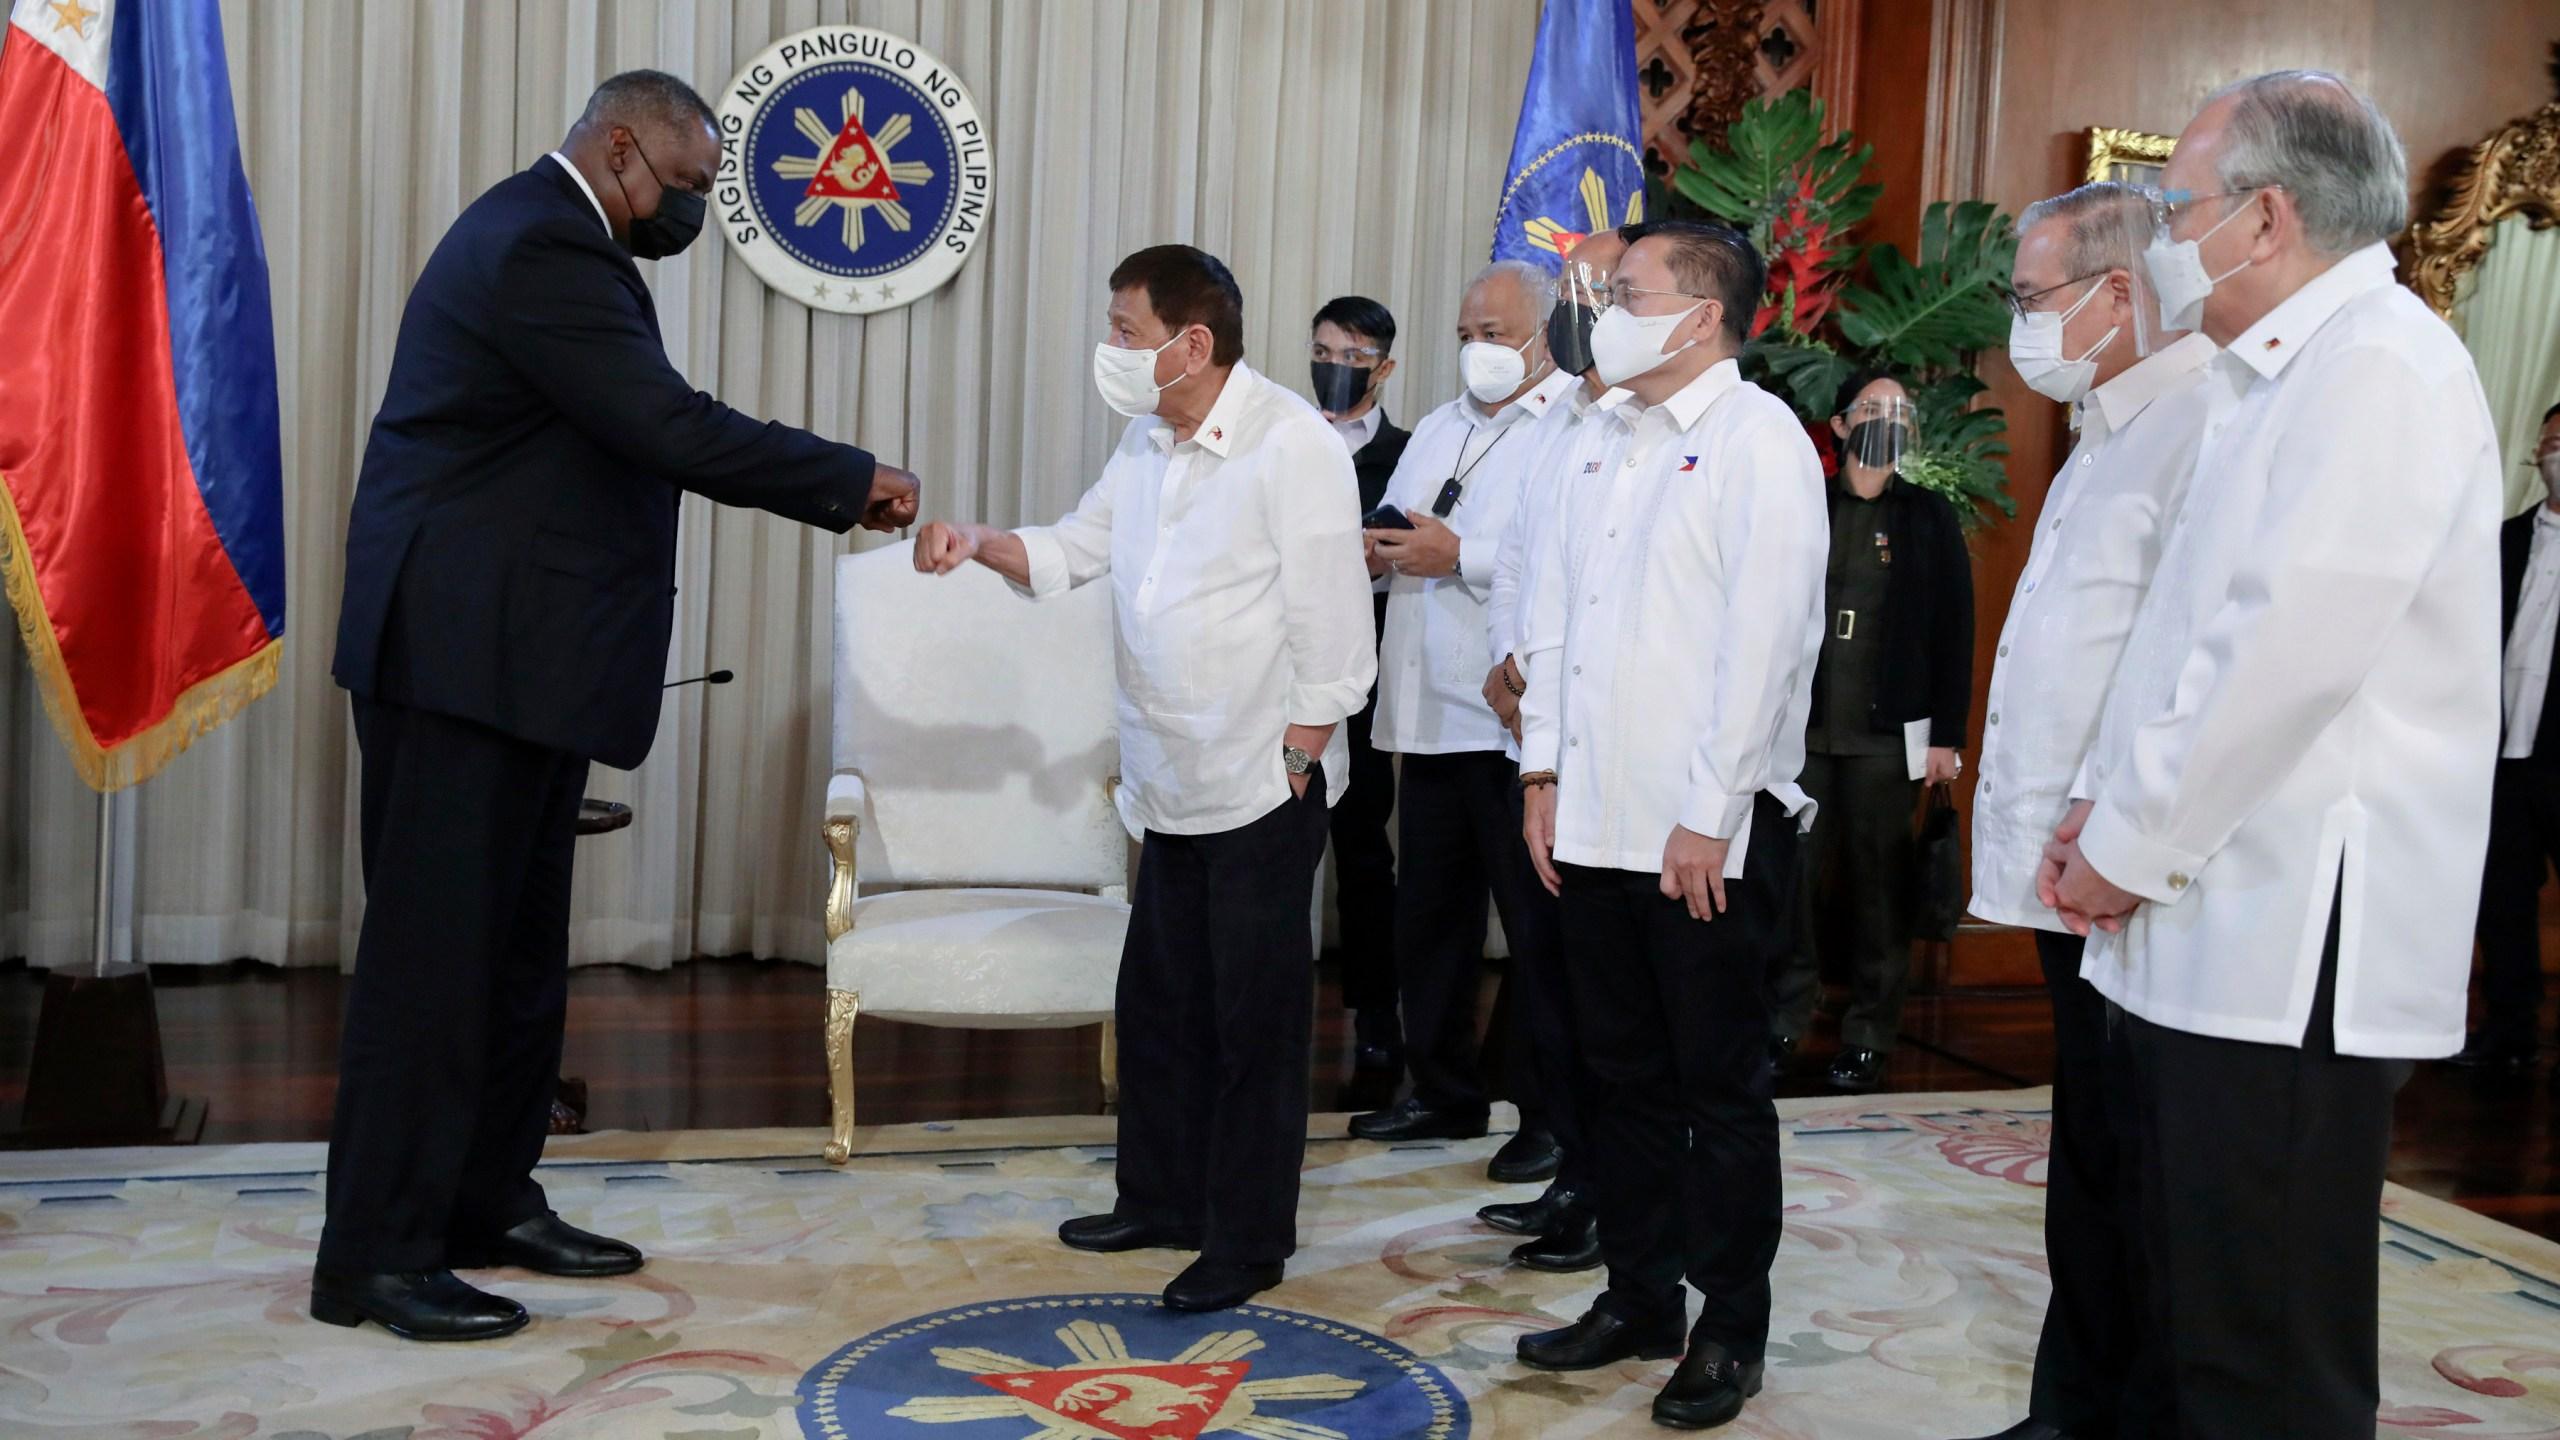 Lloyd Austin, Rodrigo Duterte